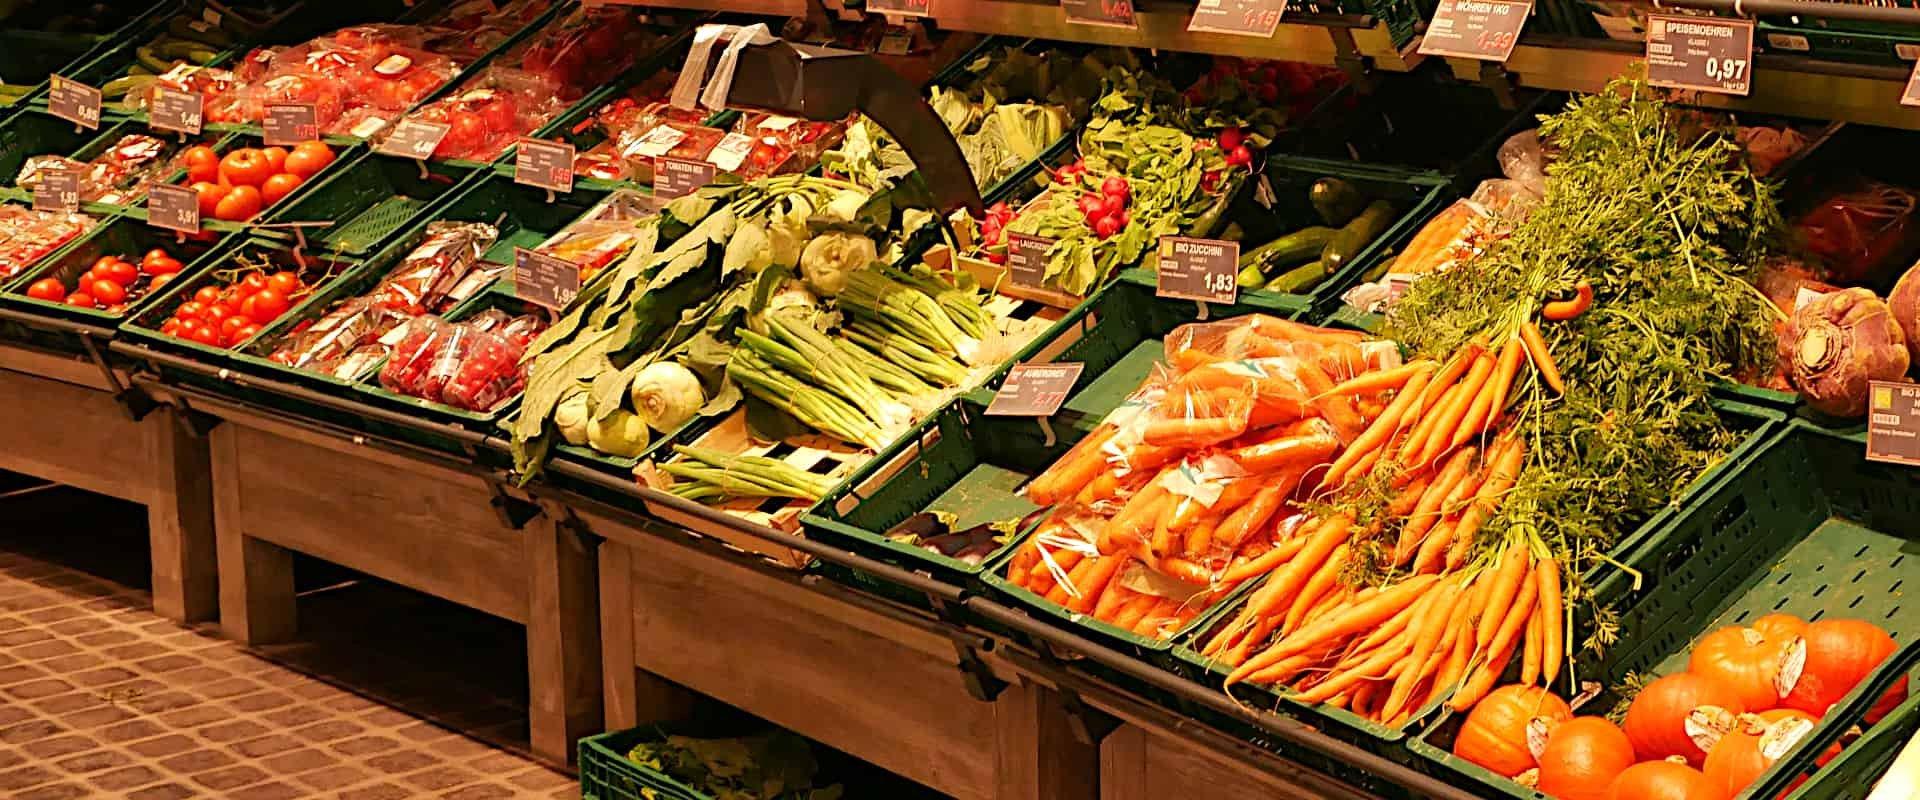 Lager im Lebensmittelhandel digital verwalten